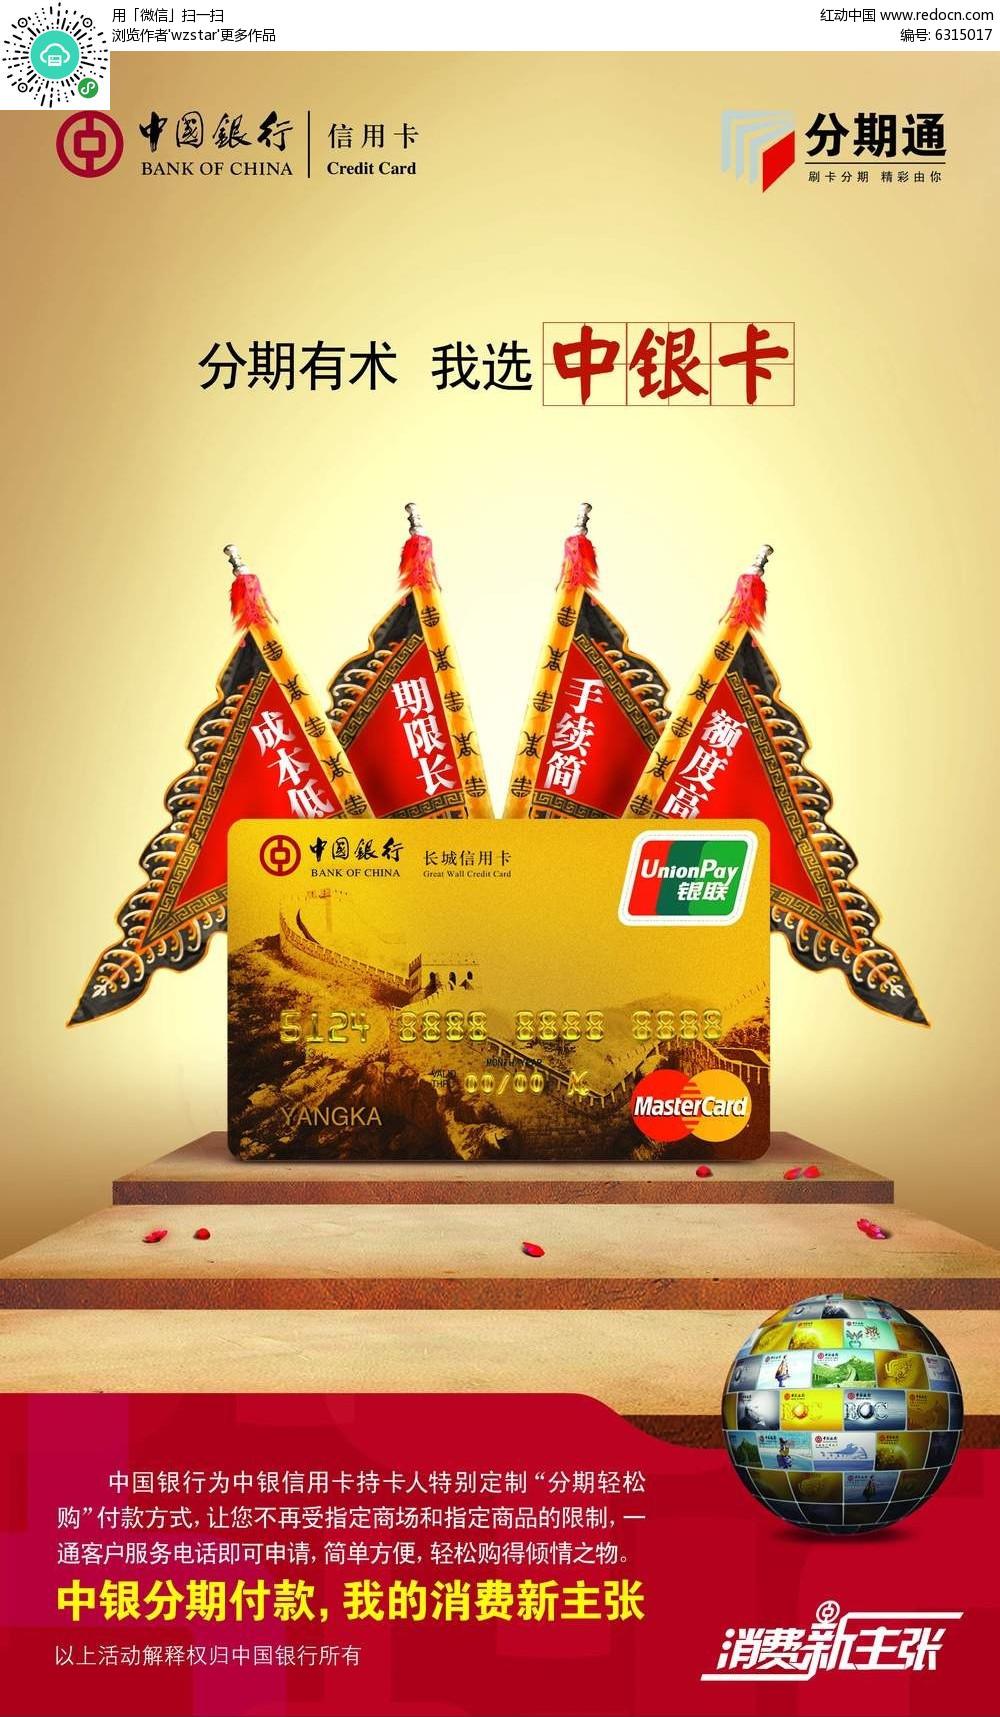 中国银行银行卡宣传海报设计